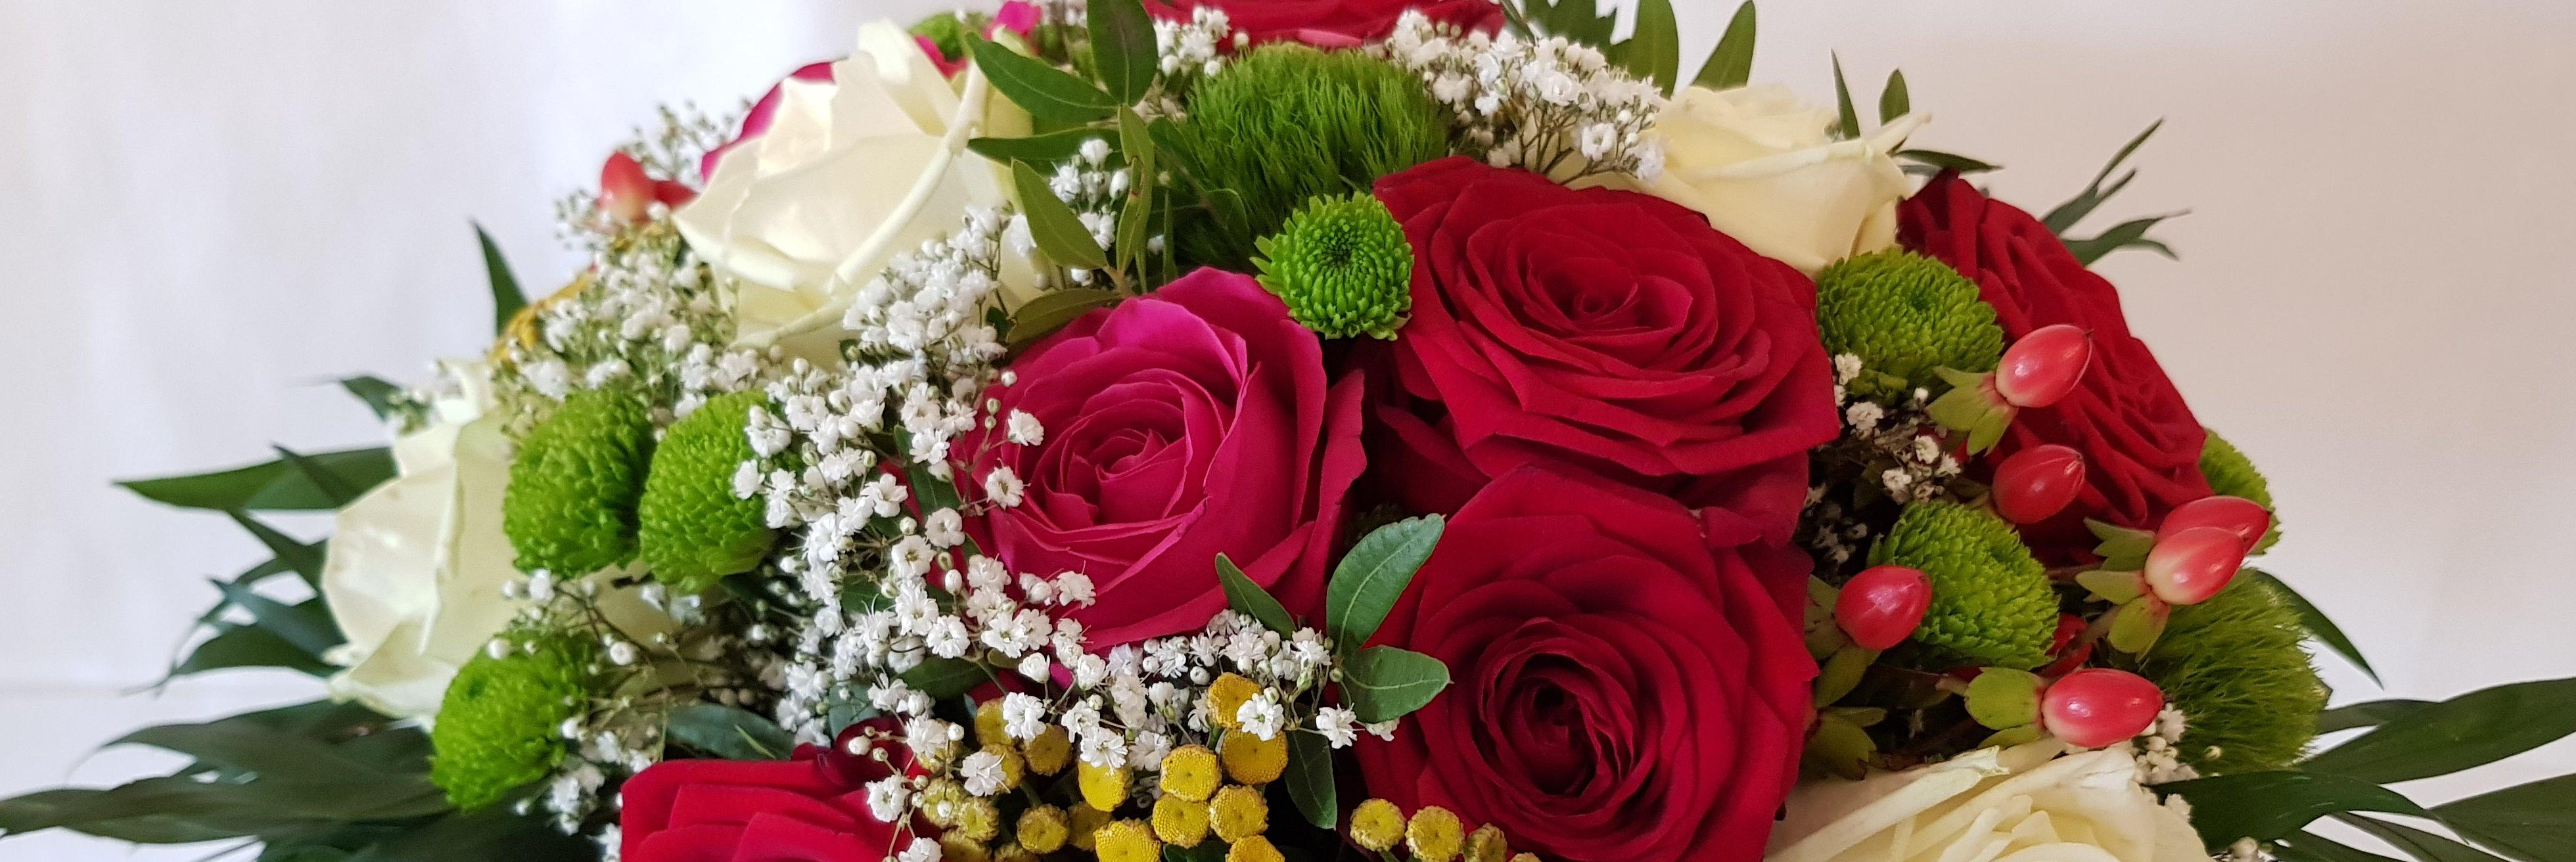 Strauß mit Rosen